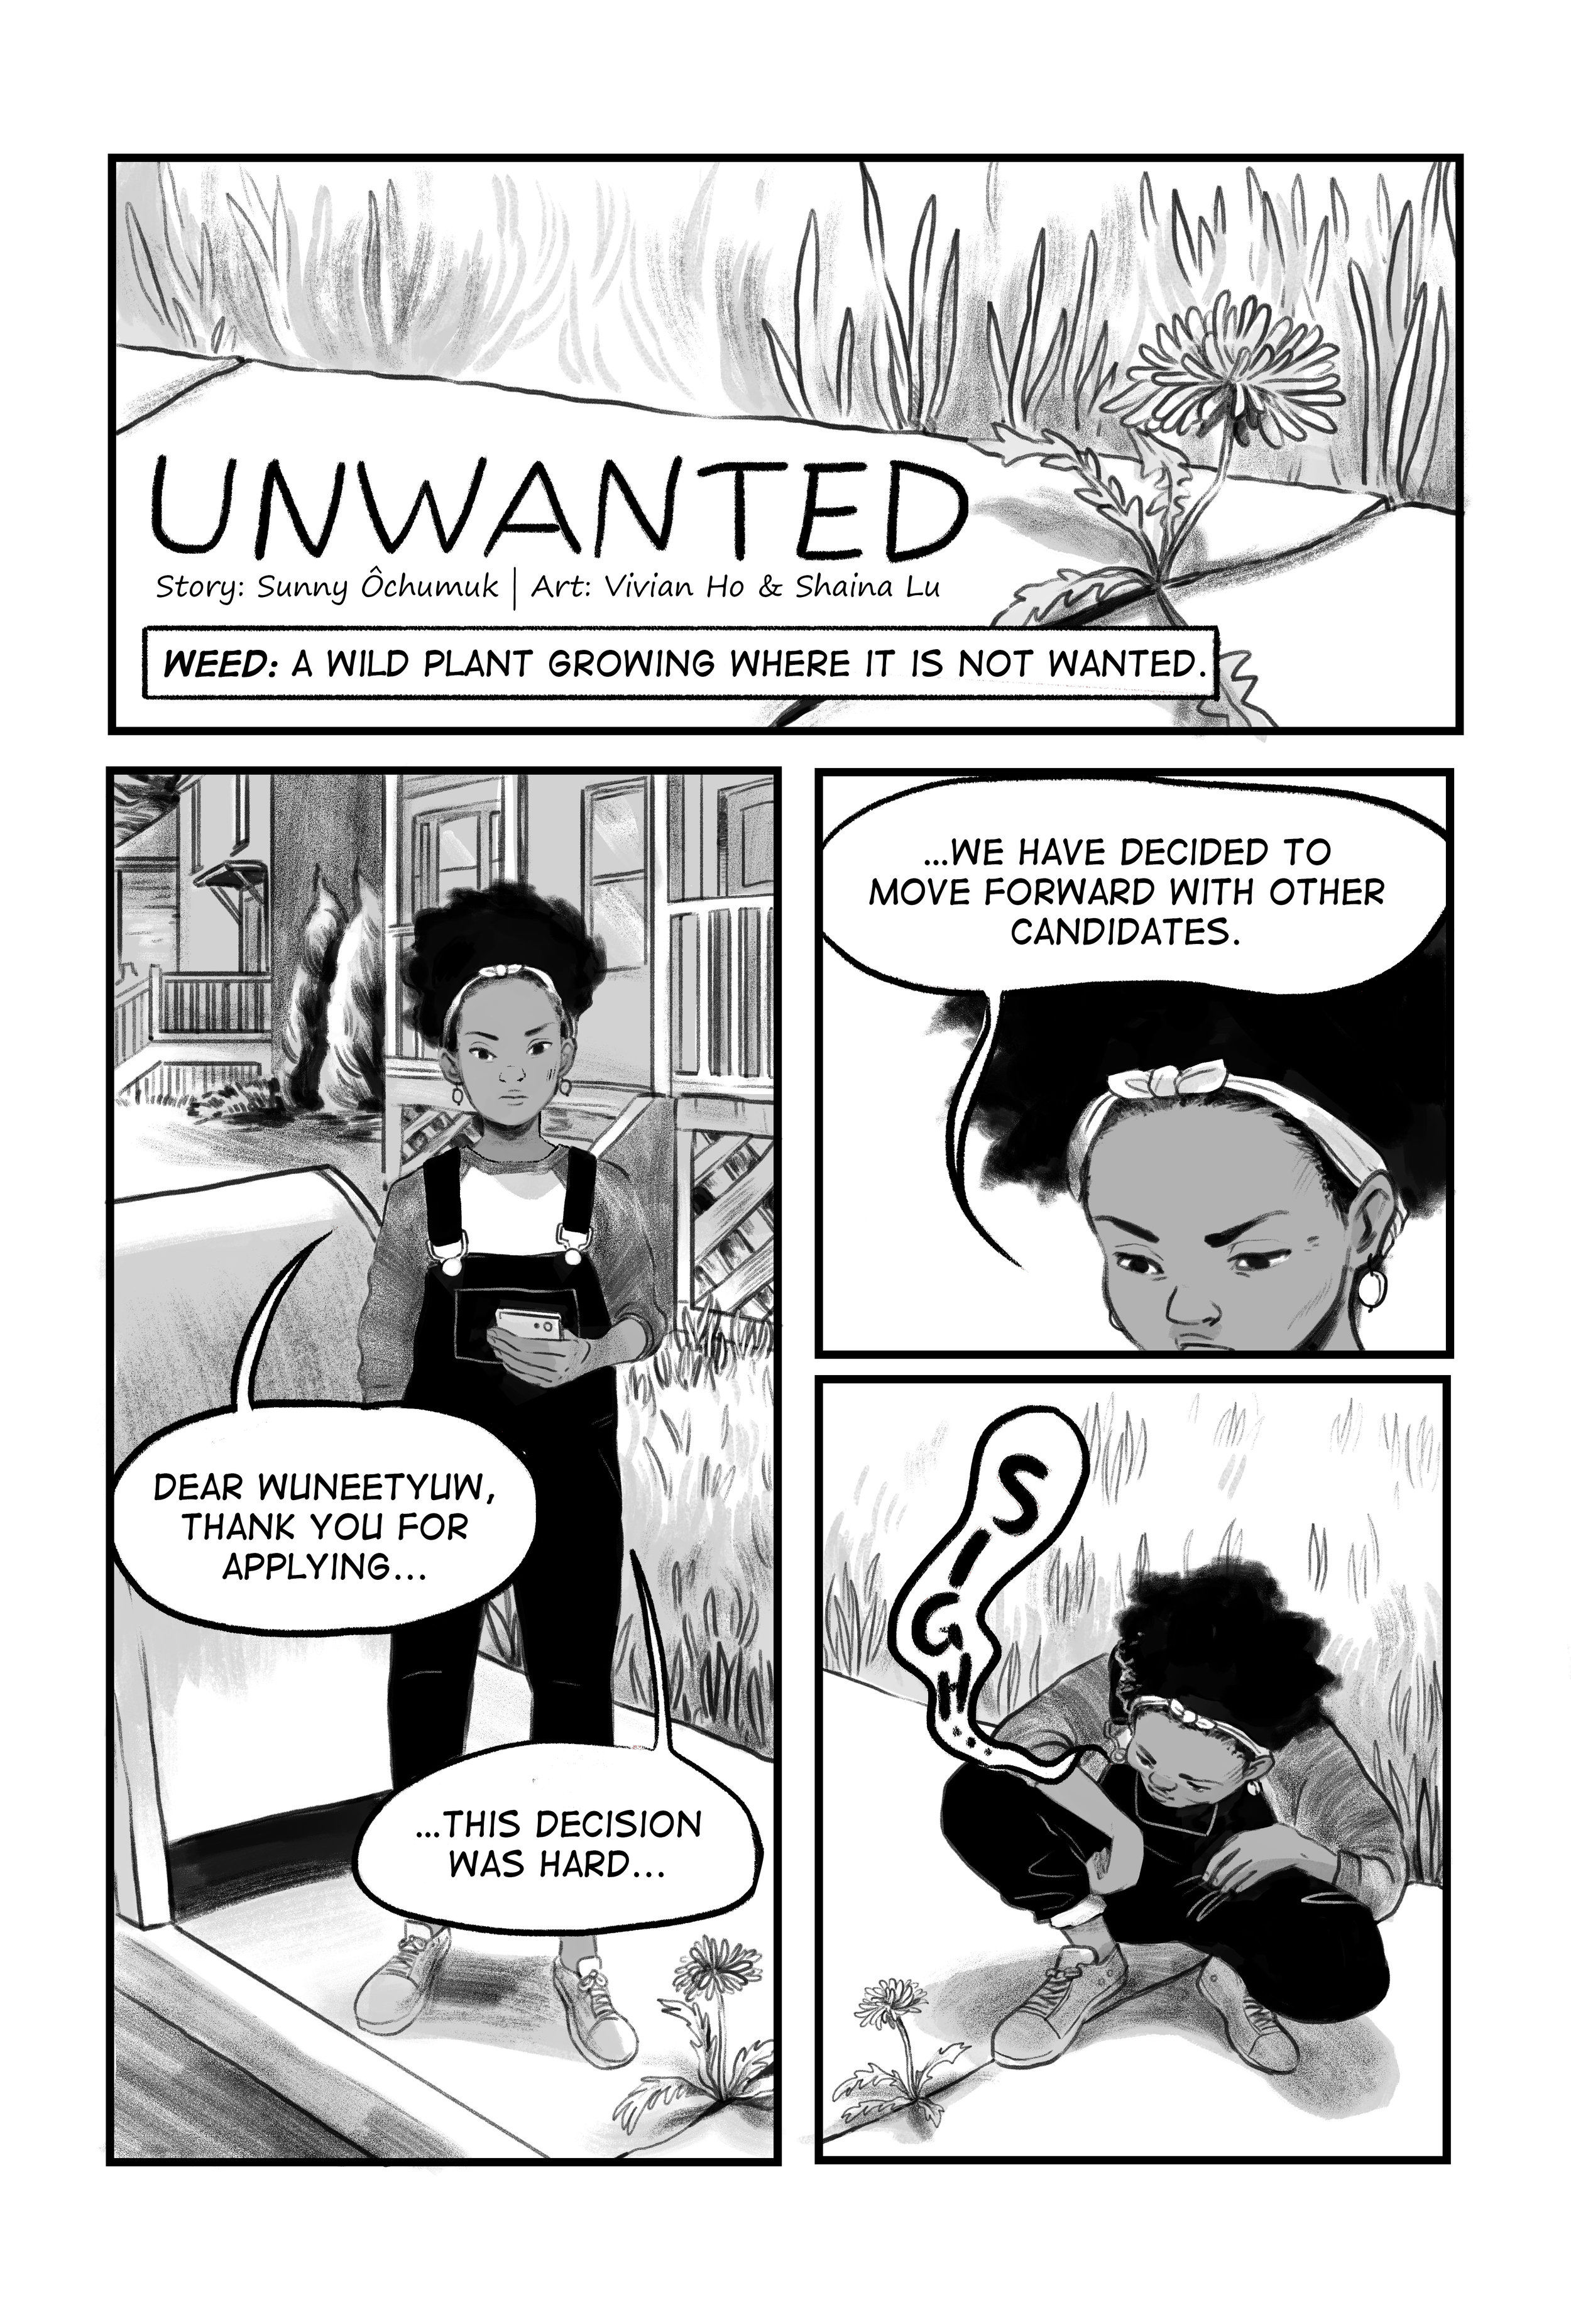 Unwanted_1.jpg